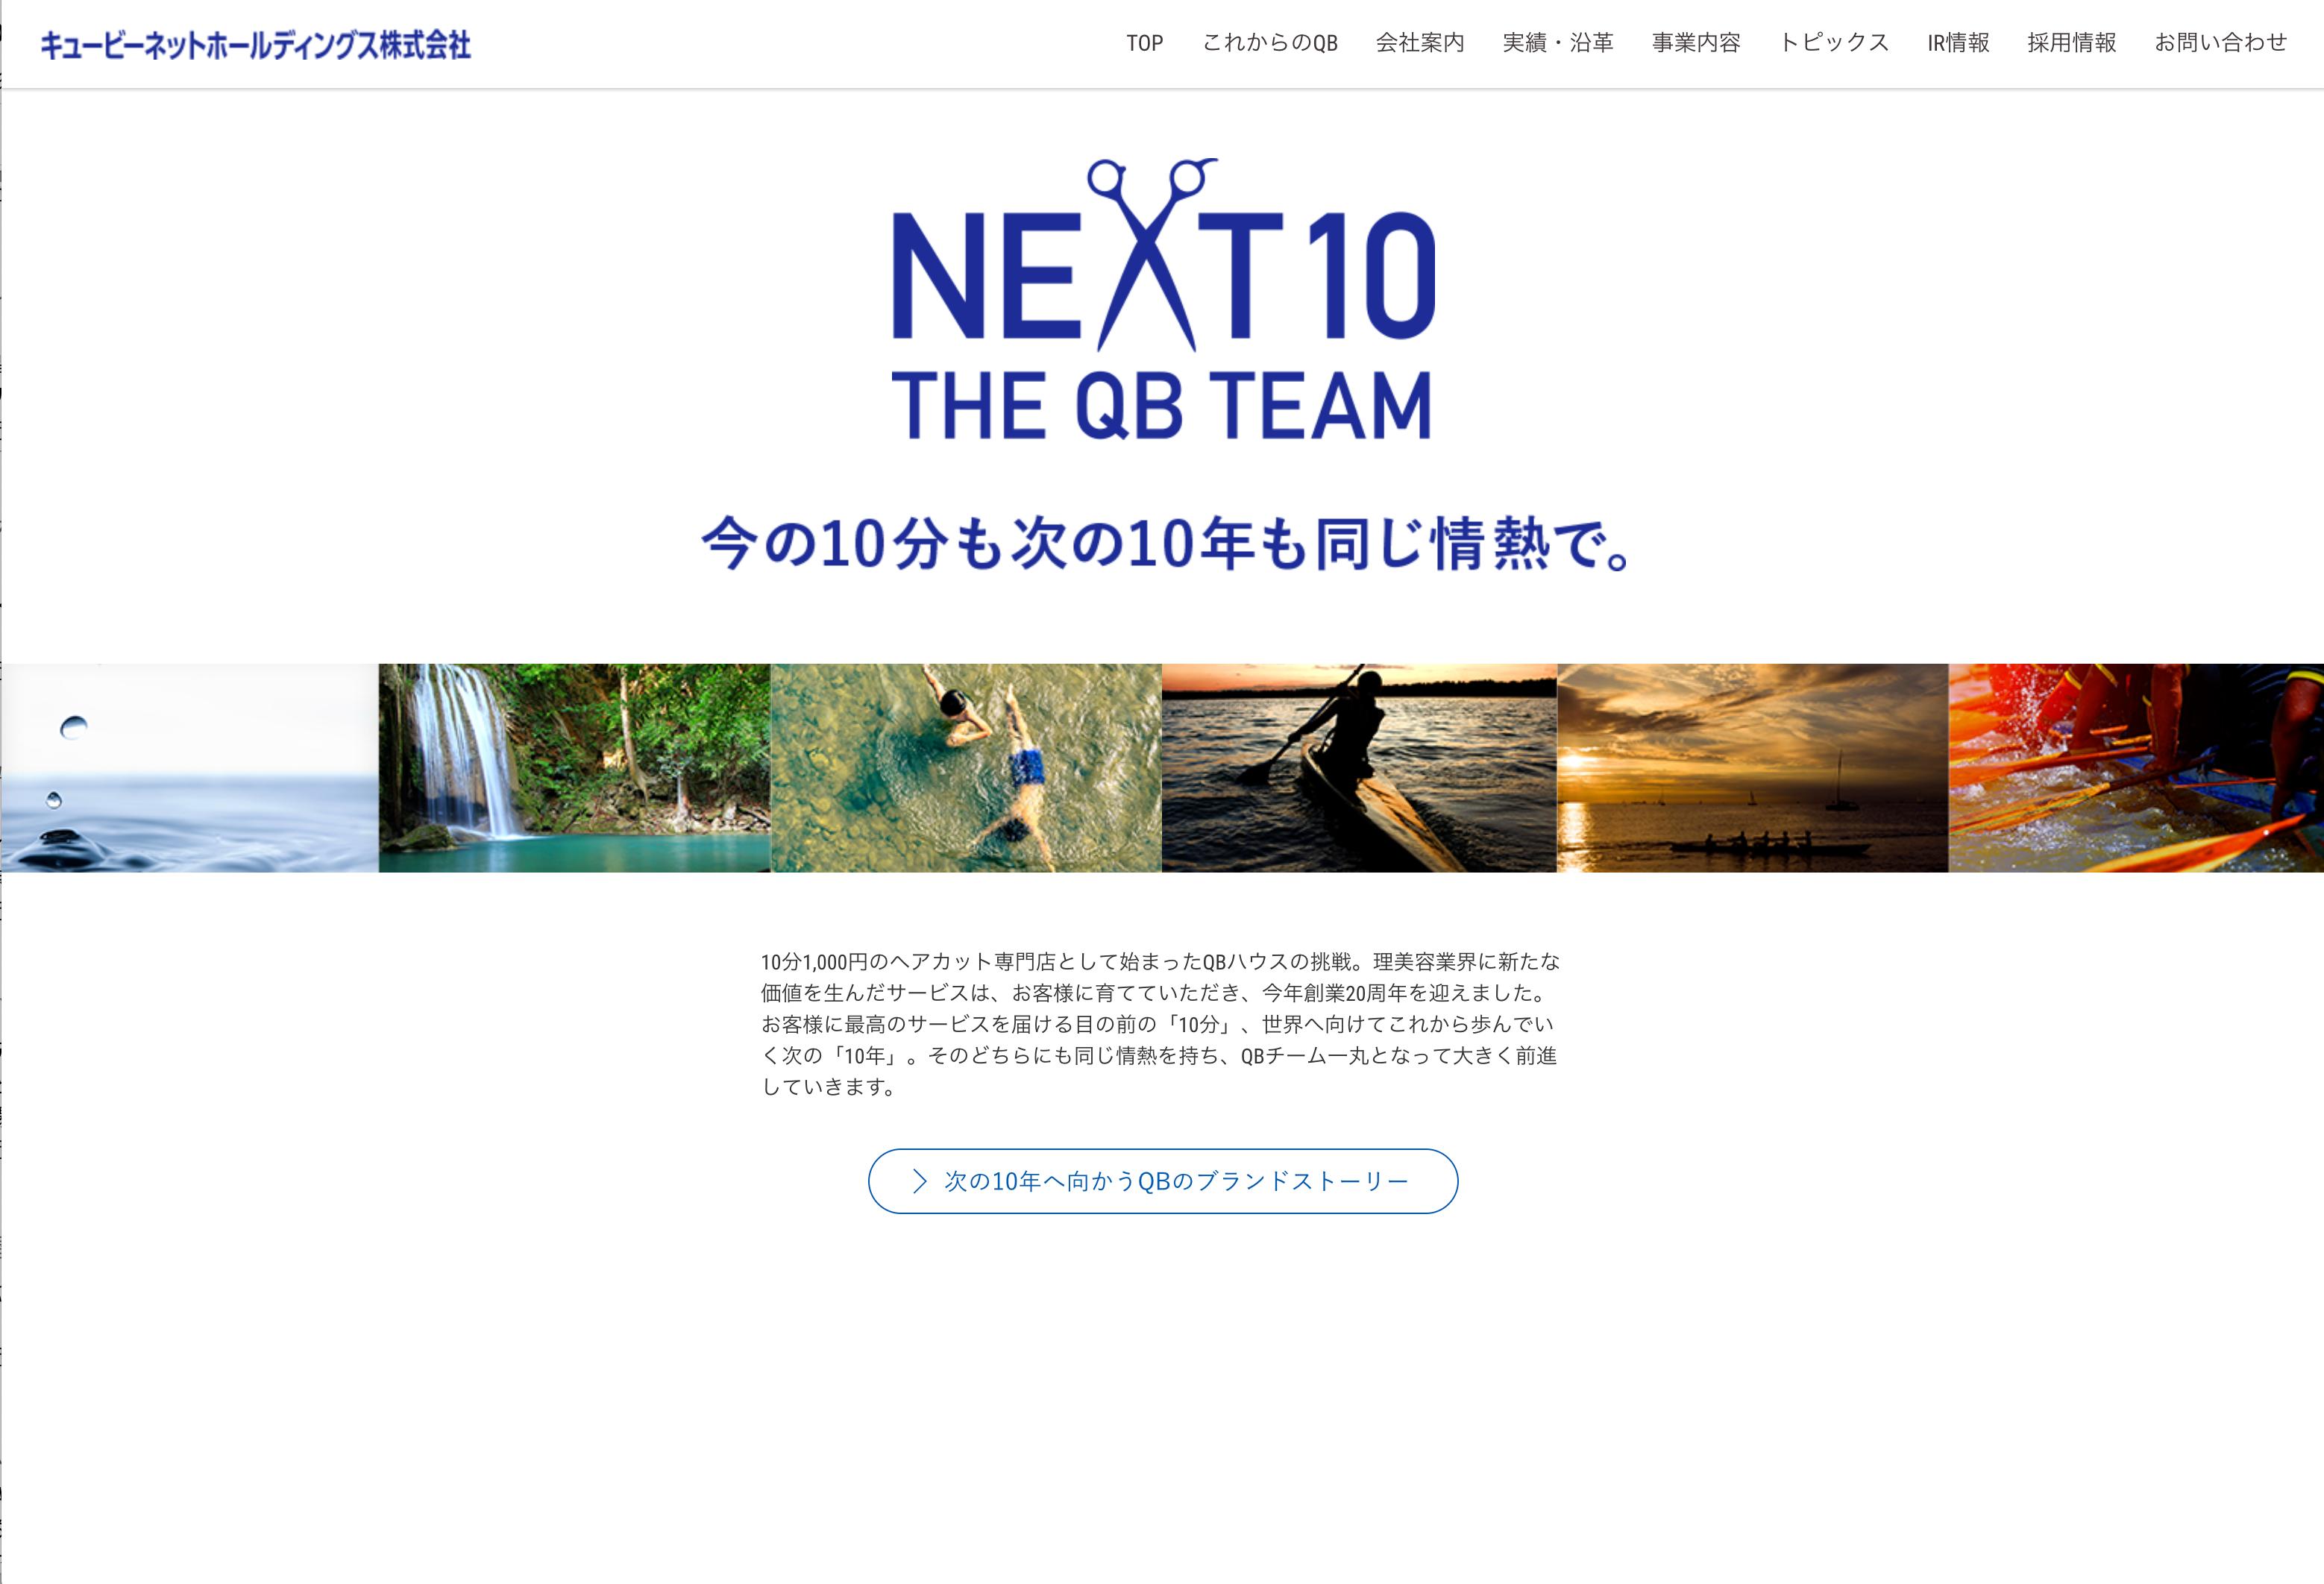 スクリーンショット 2018-12-10 15.24.08